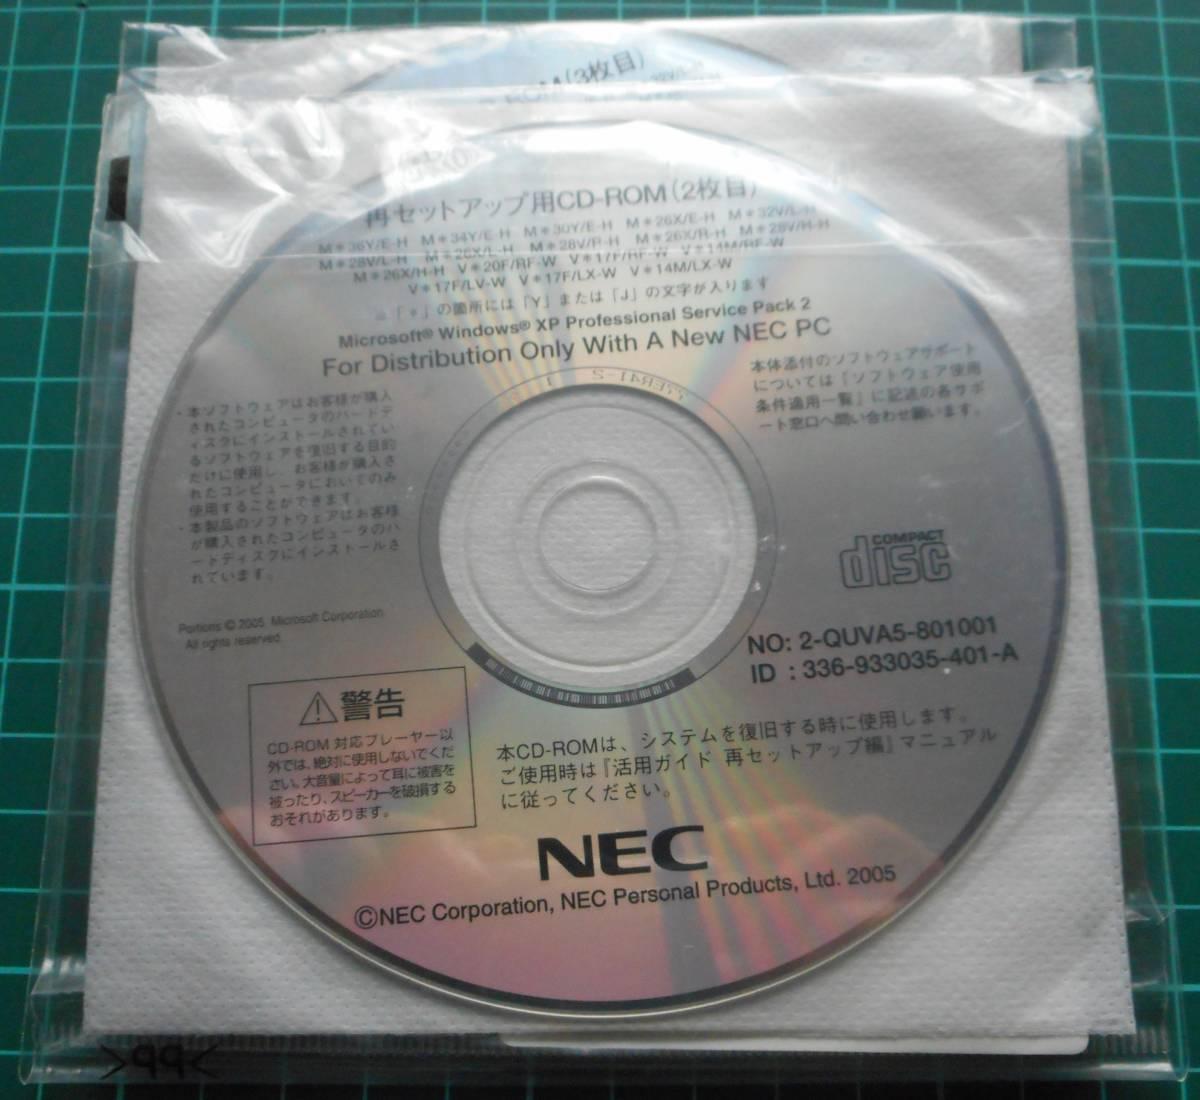 NEC 再セットアップCD-ROM 4枚組 未開封 中古(管17)_画像4